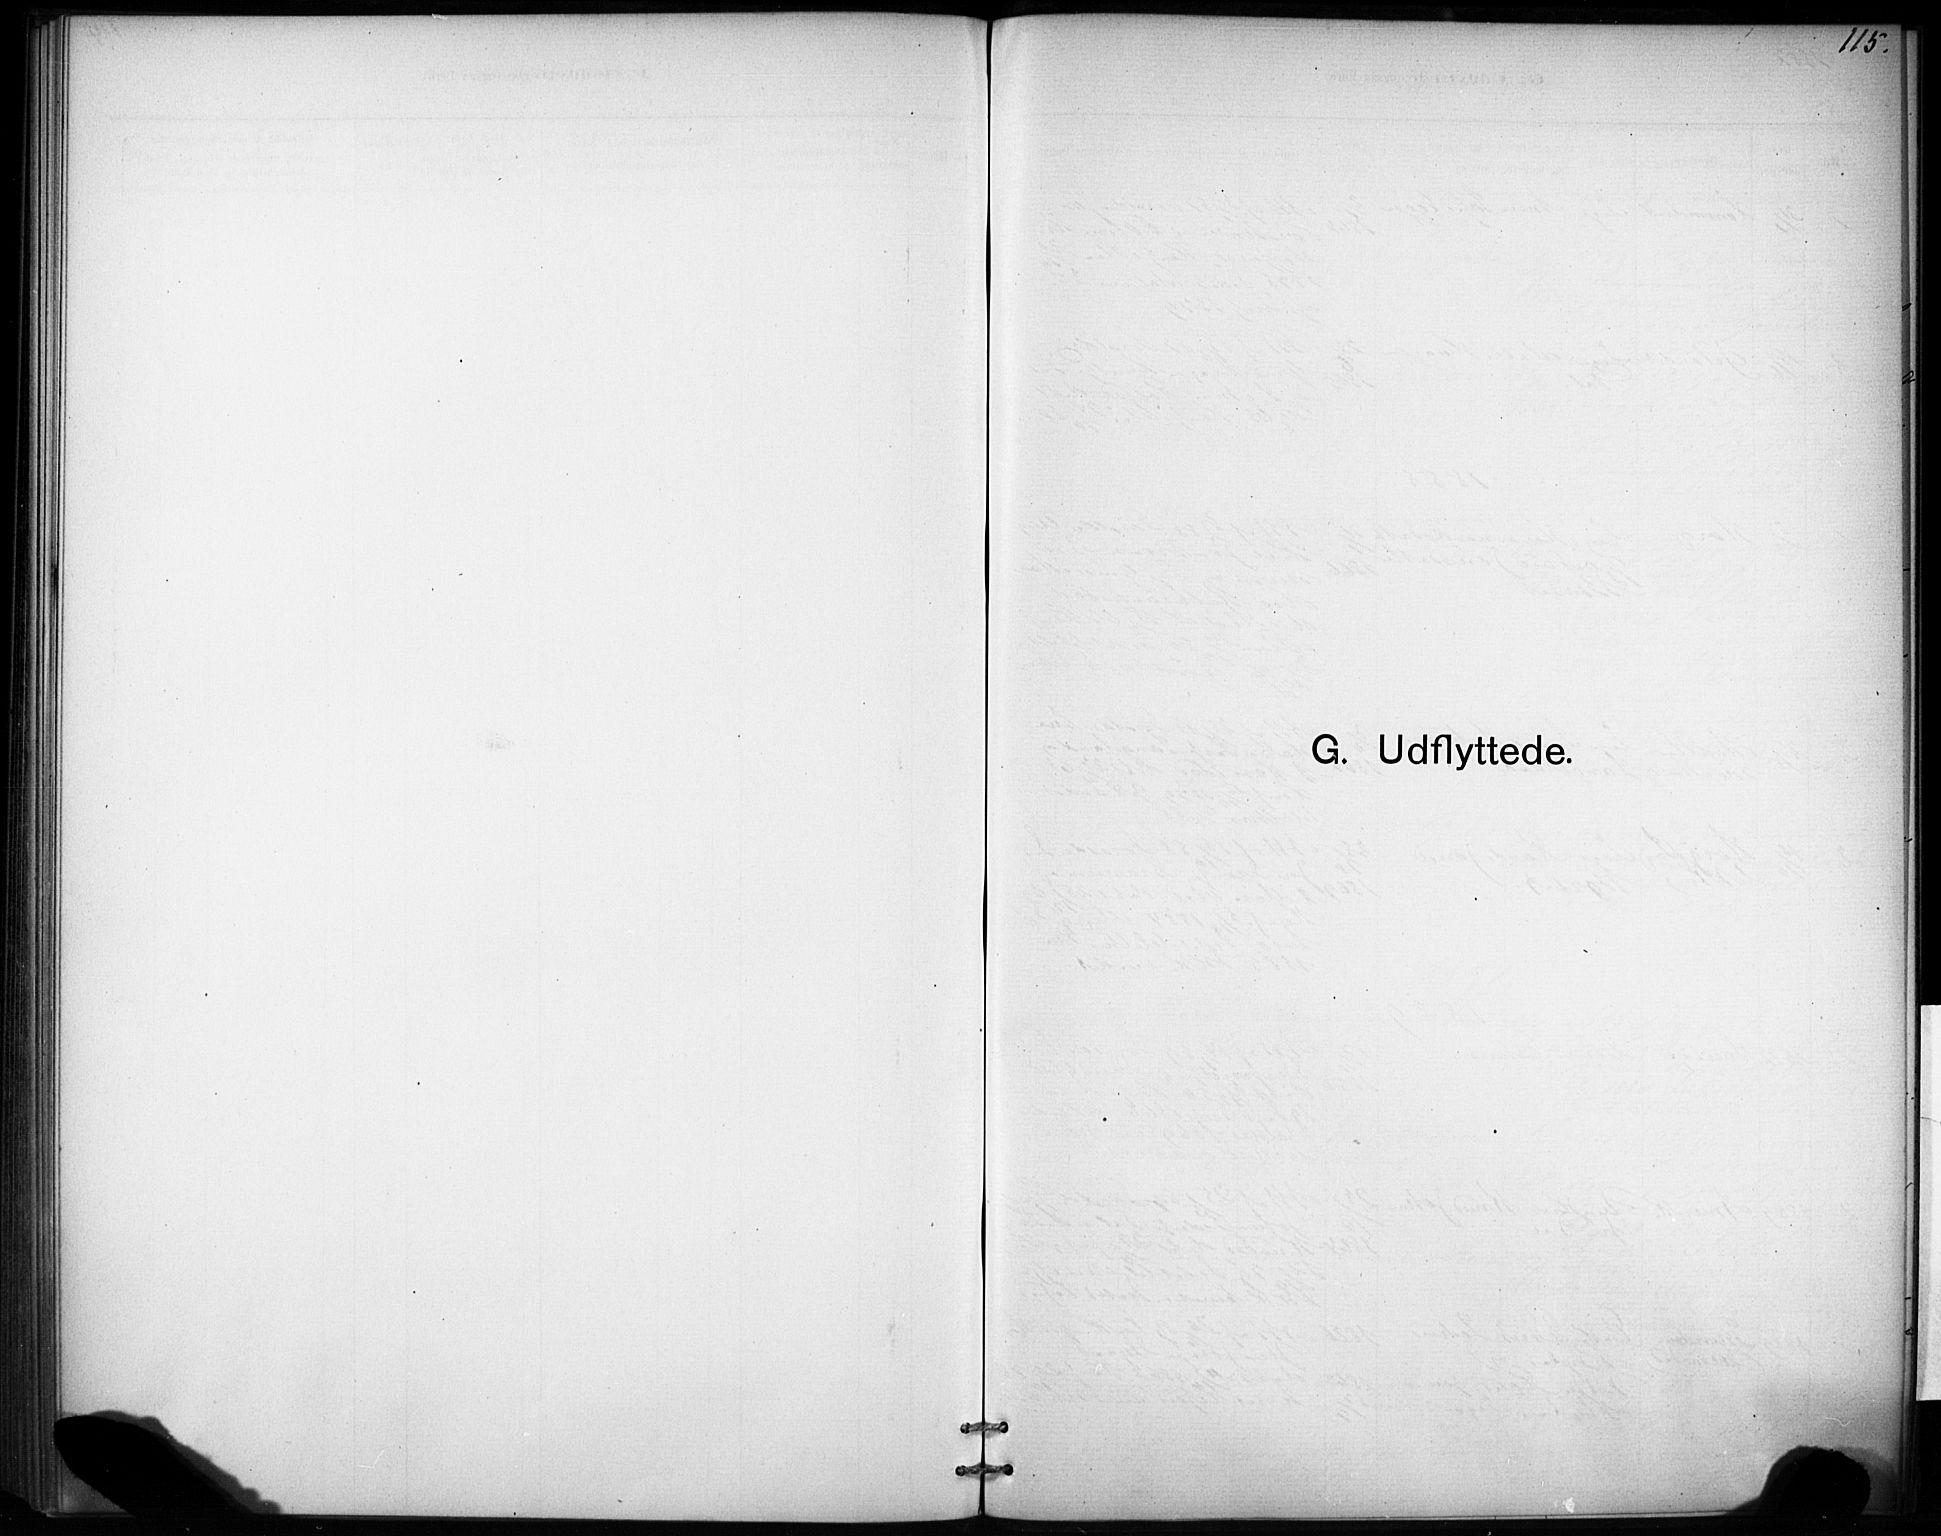 SAT, Ministerialprotokoller, klokkerbøker og fødselsregistre - Sør-Trøndelag, 693/L1119: Ministerialbok nr. 693A01, 1887-1905, s. 115